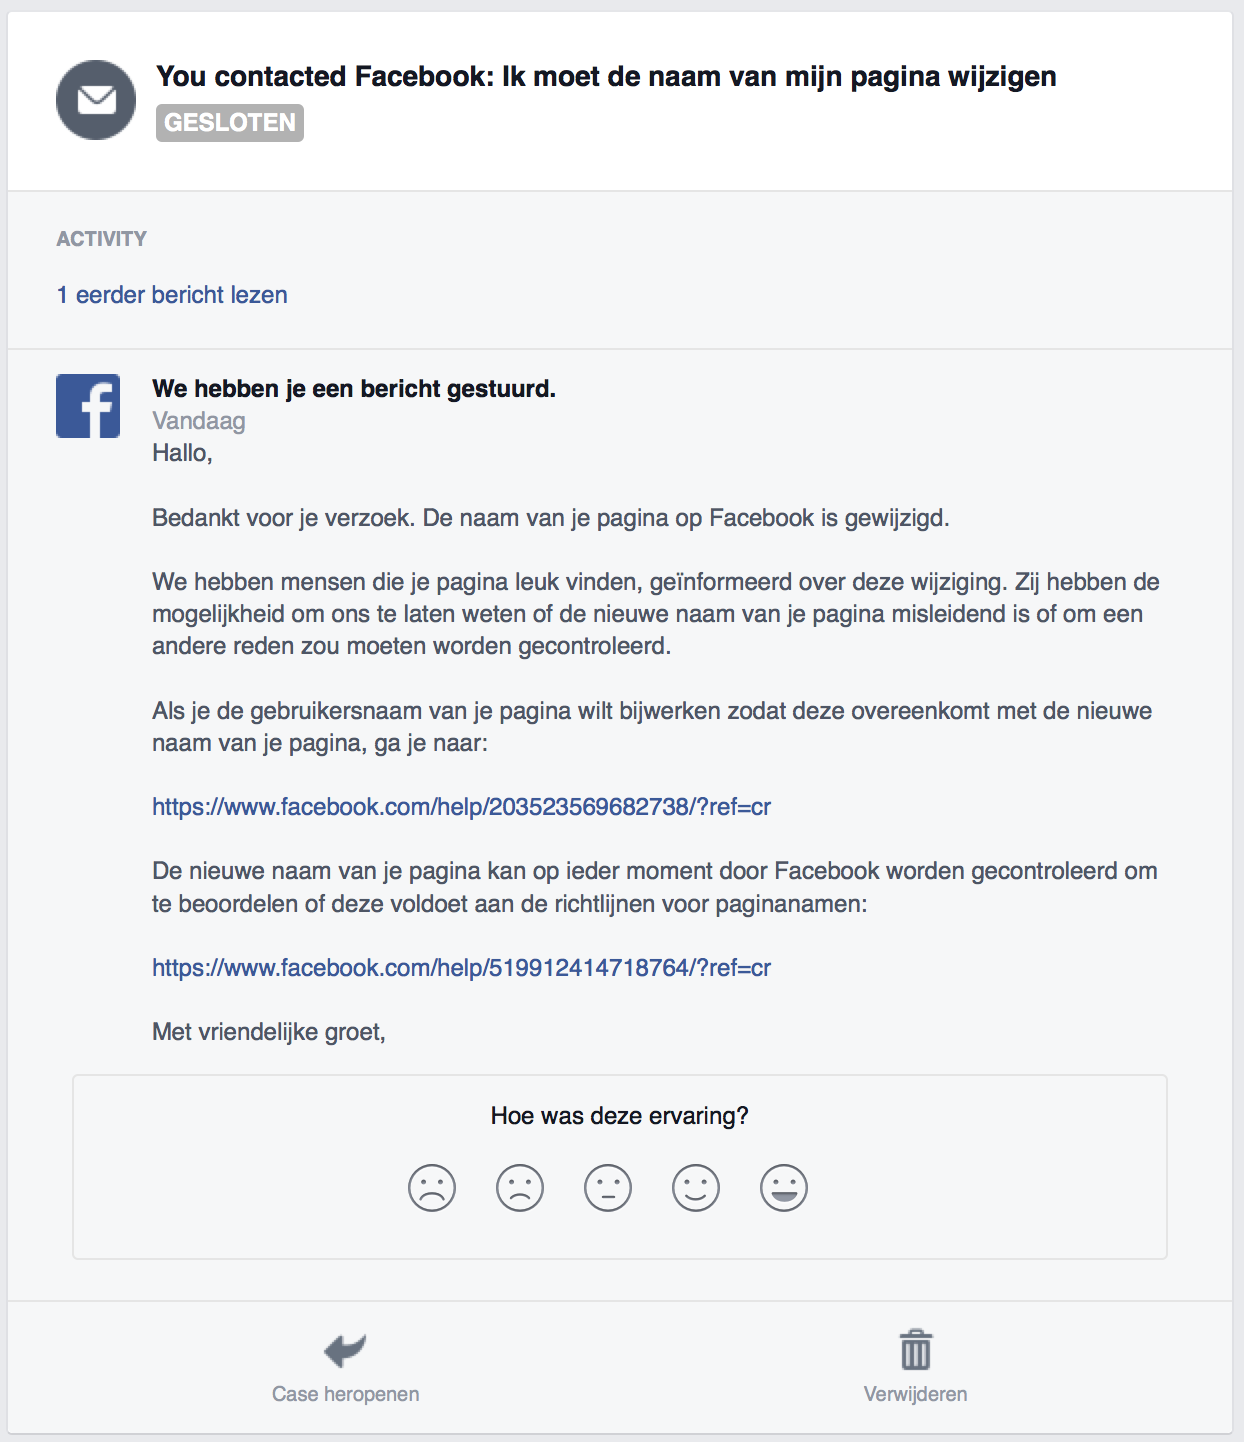 facebook-pagina-naam-wijzigen-screenshot-3